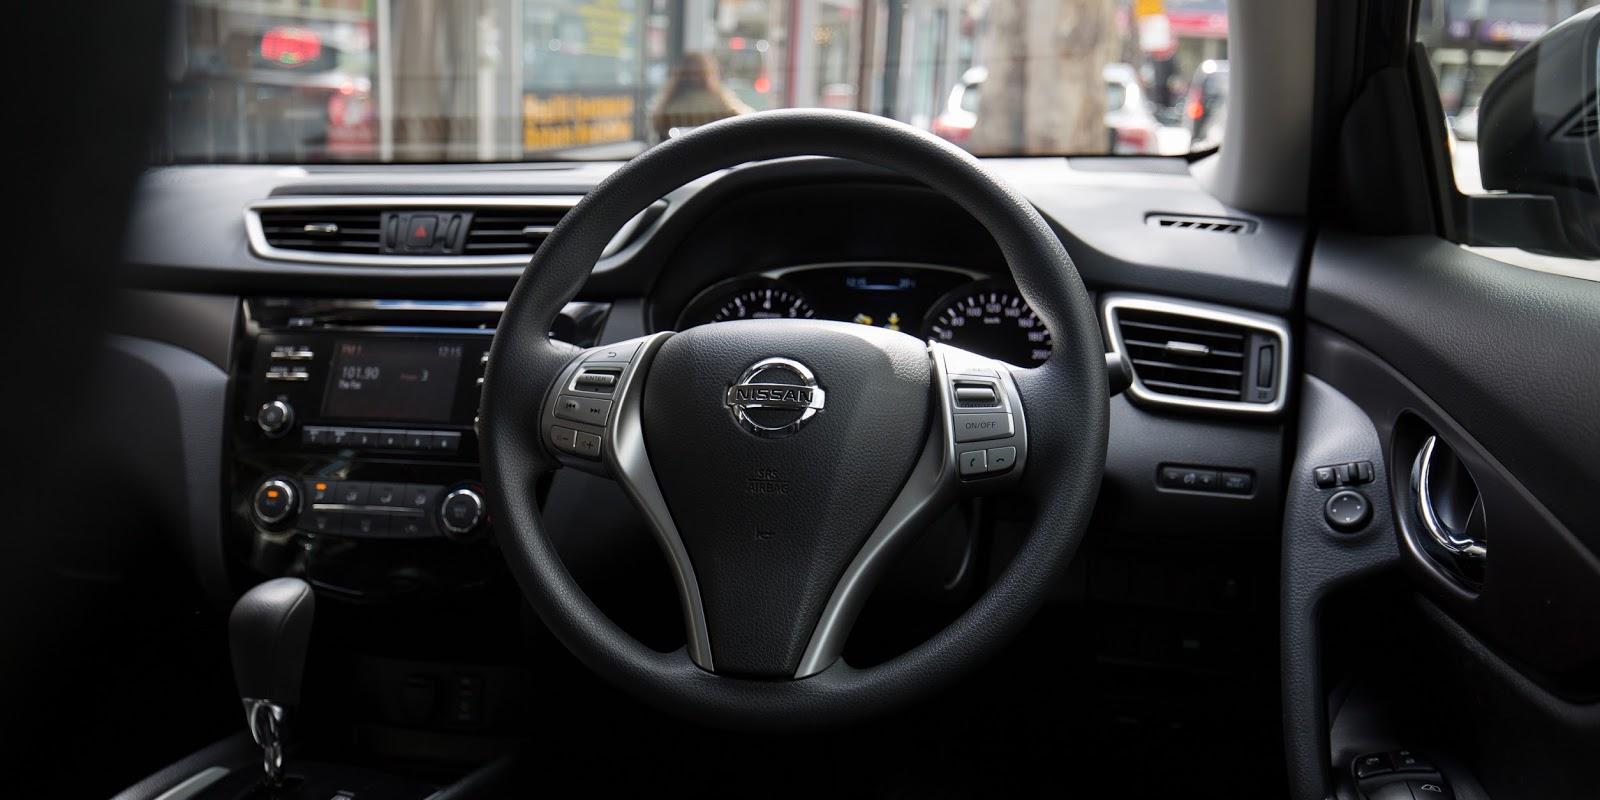 Tính năng kết nối, an toàn giúp xe hoạt động ổn trên mọi cung đường